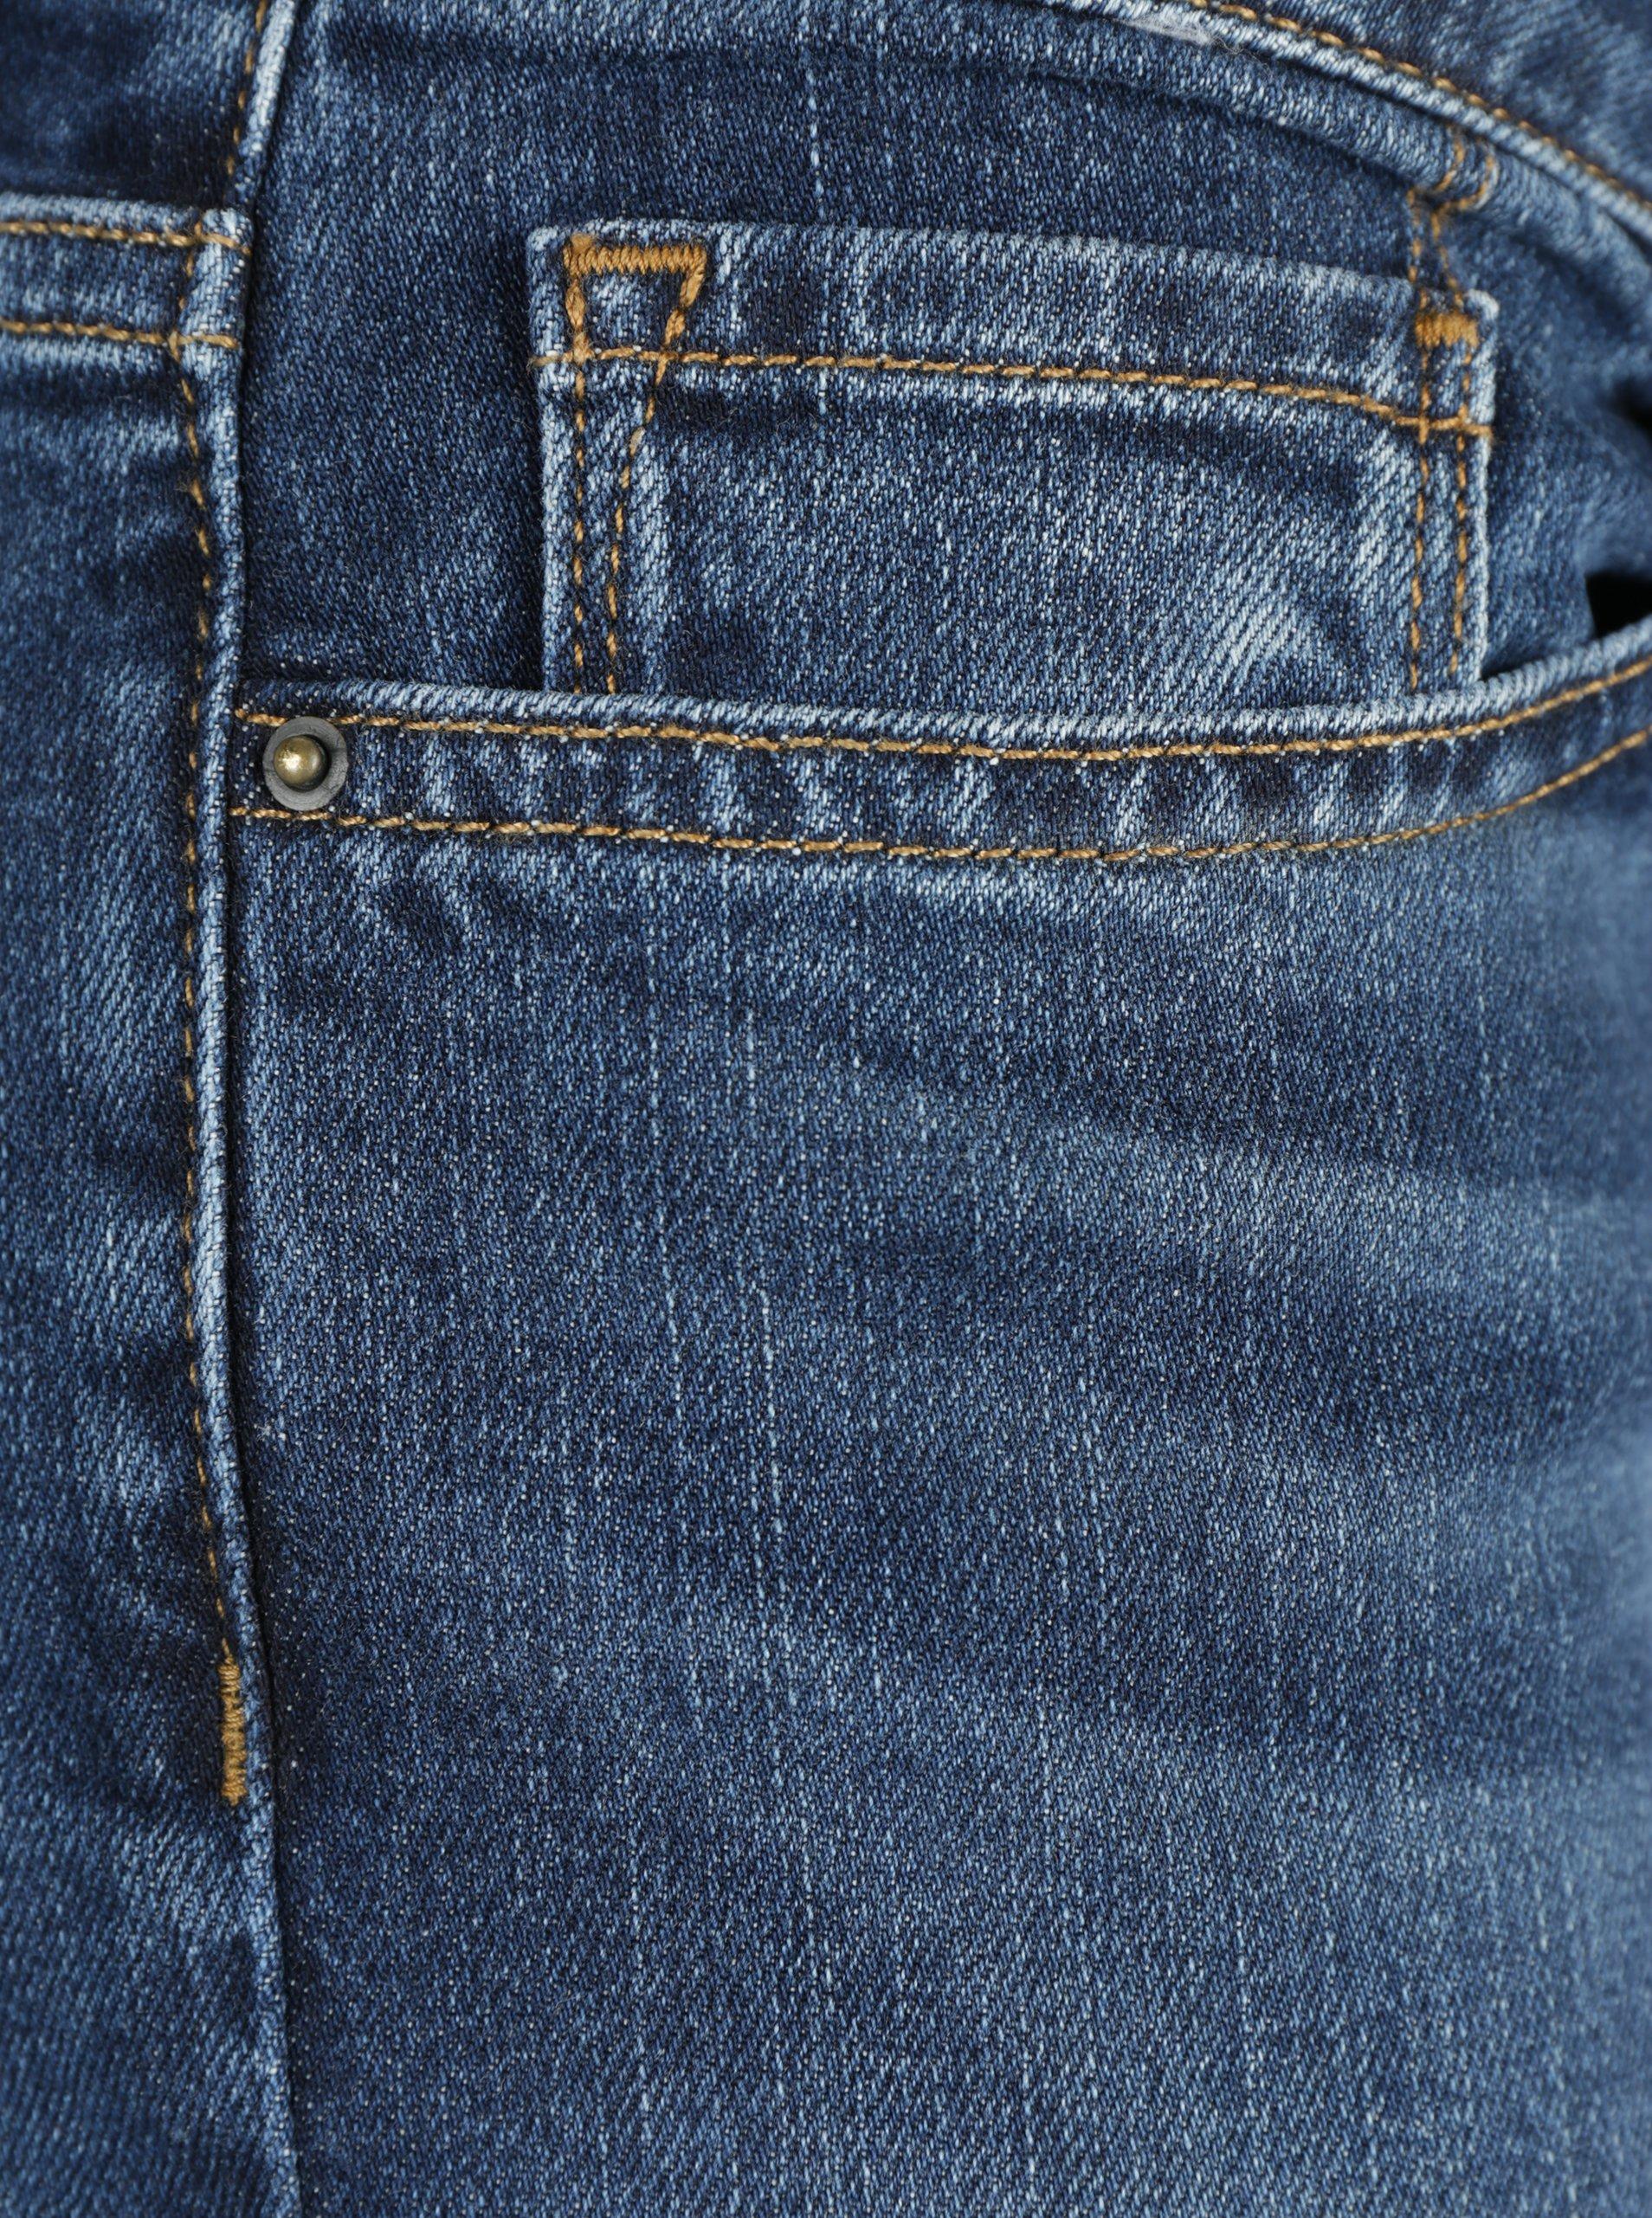 0c8008579ac Modré dámské straight fit džíny Tommy Hilfiger Rome - Akční cena ...